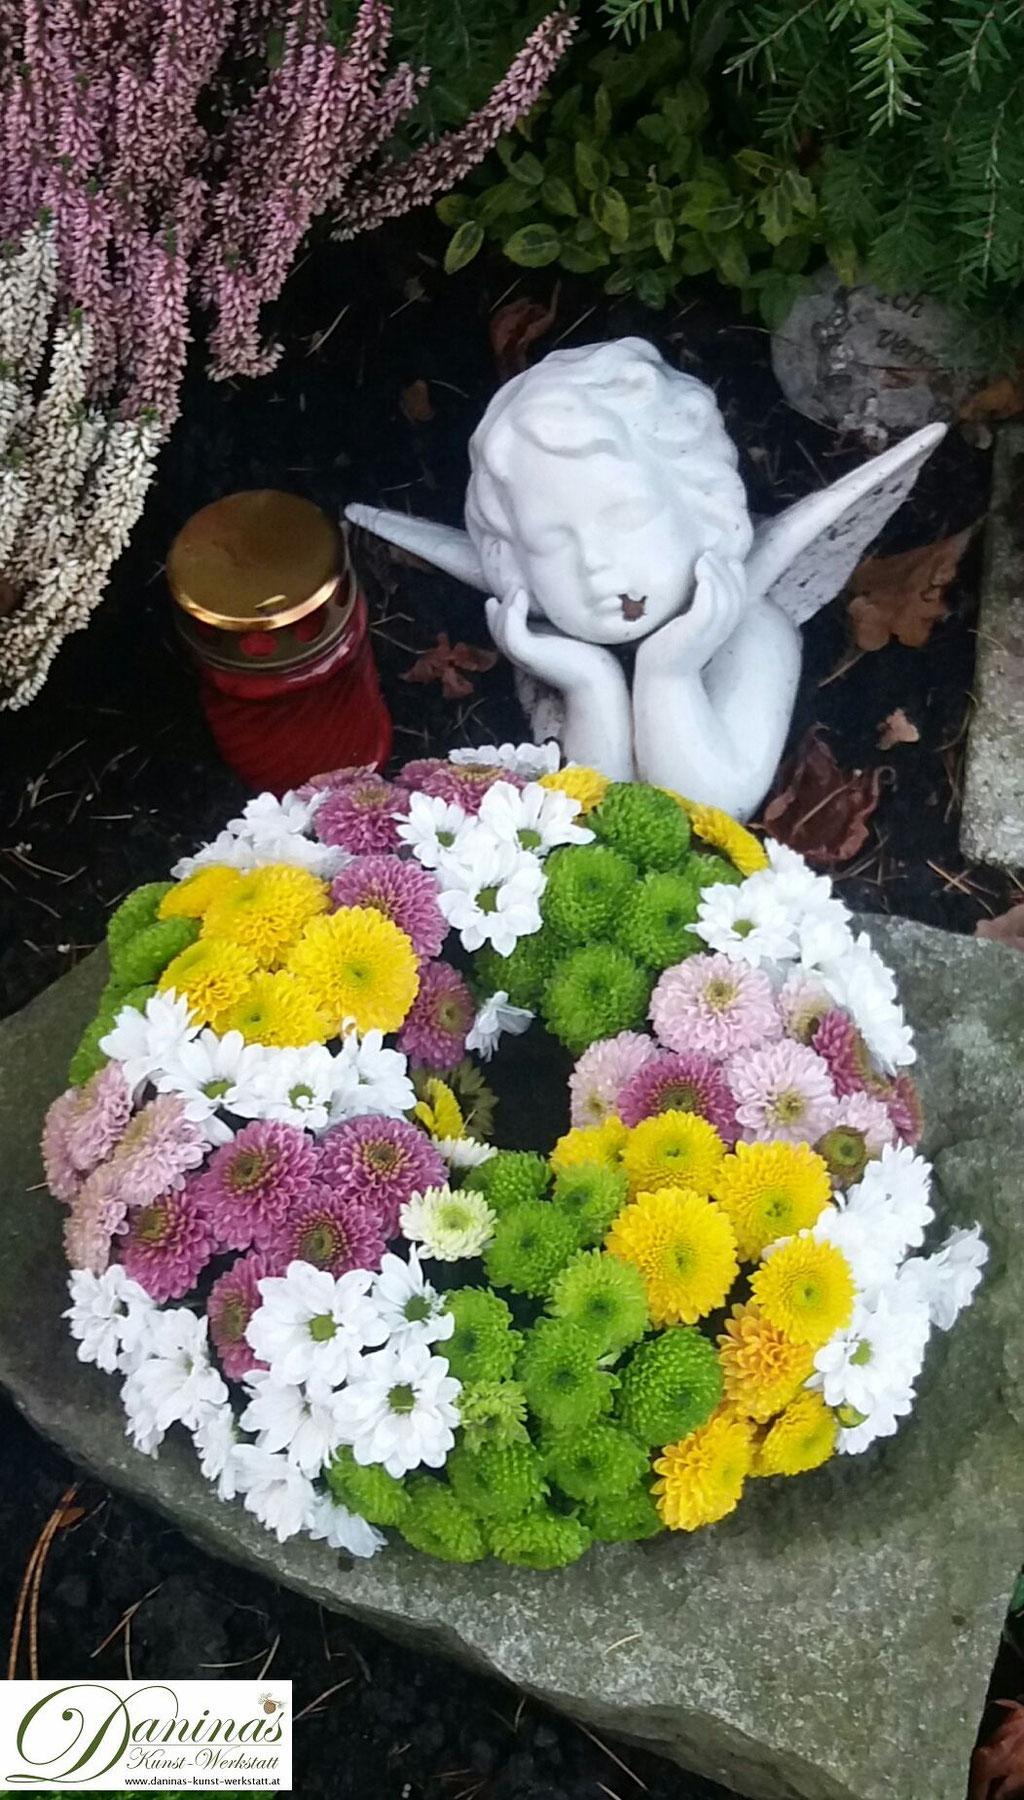 Herbstkranz und Gestecke für das Grab - Beispiele und Ideen